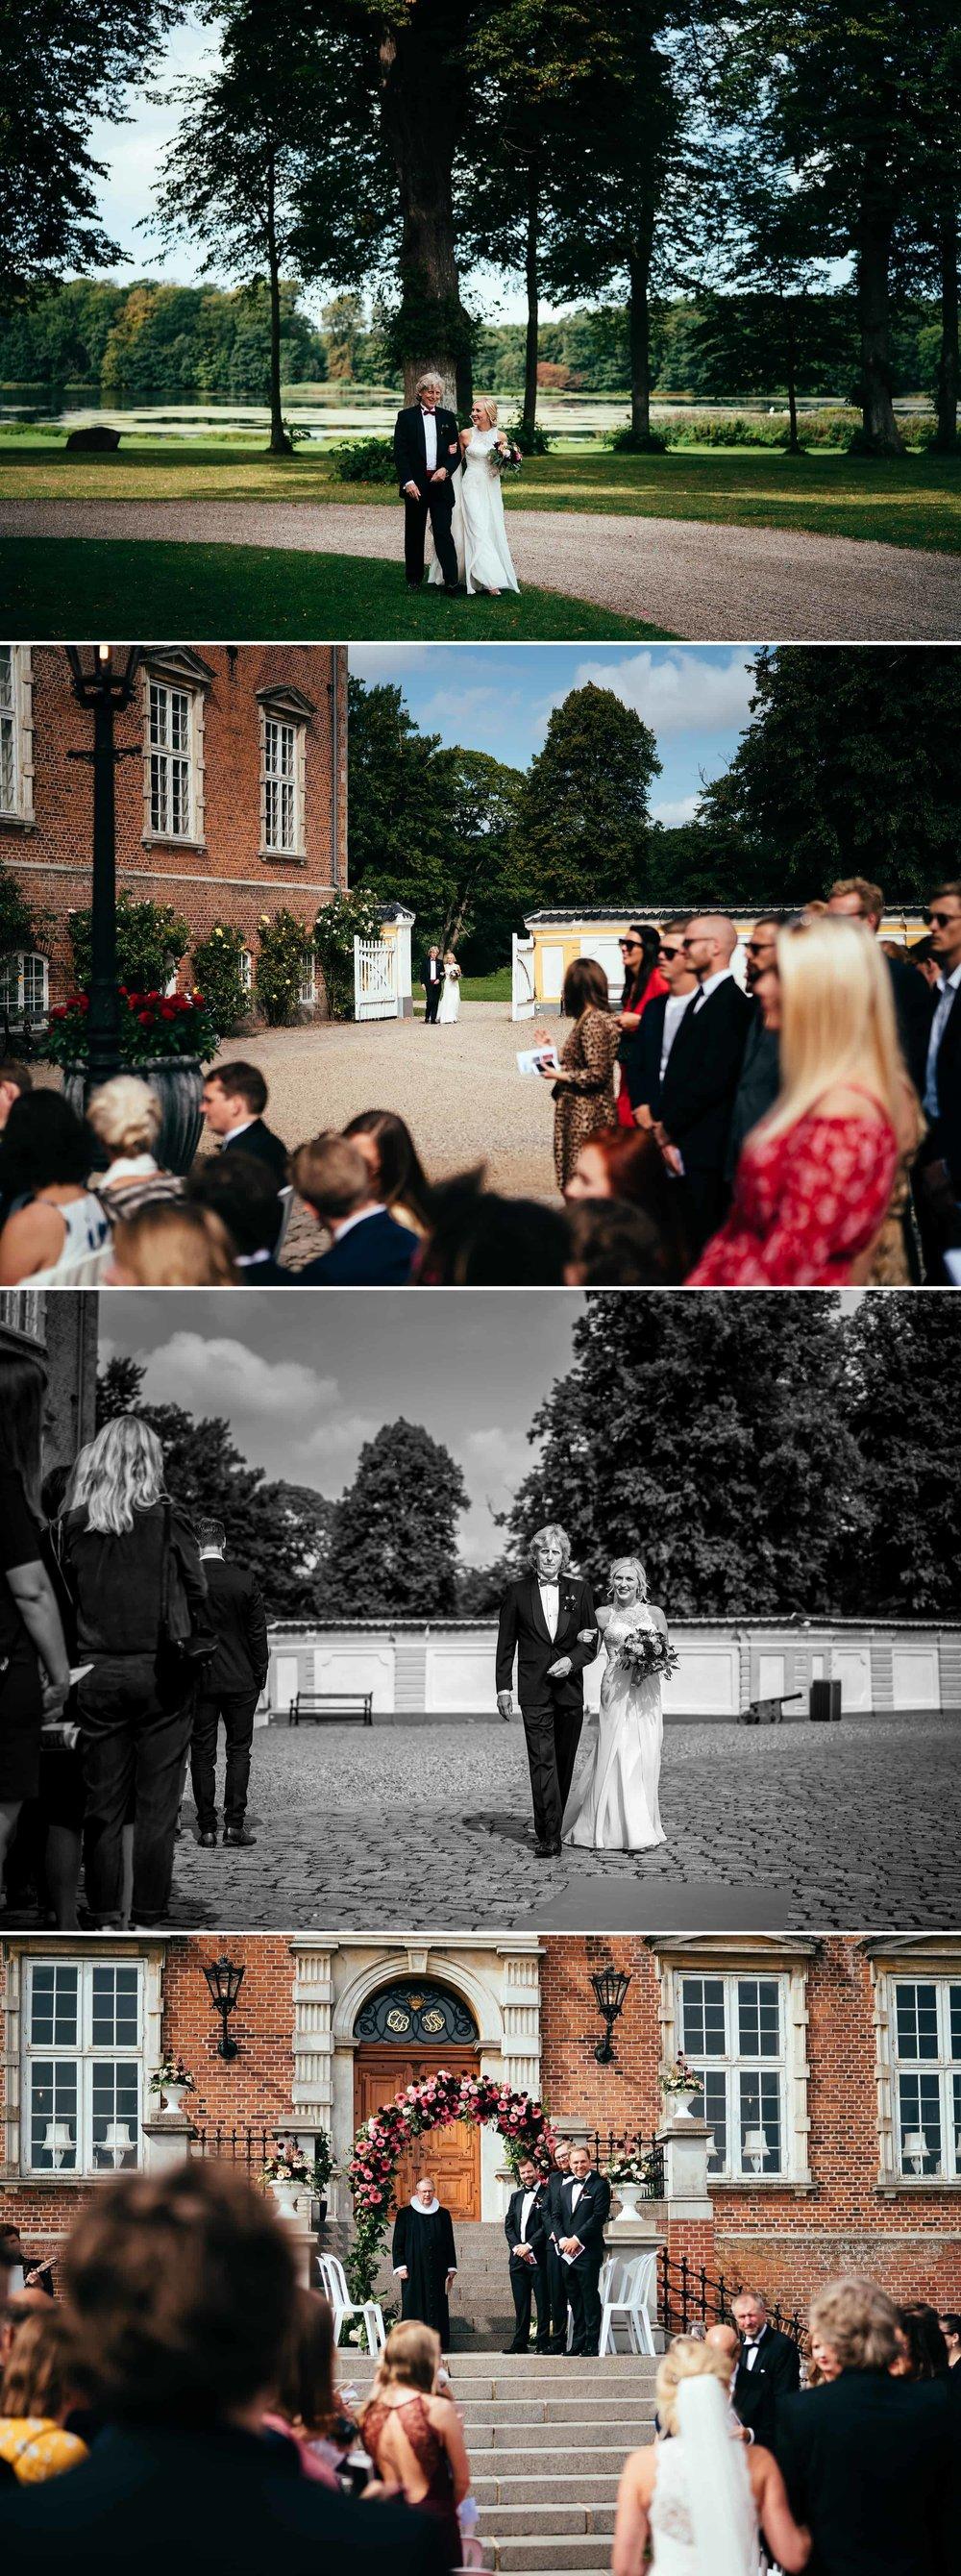 brud-går-op-af-gulvet-til-bryllup.jpg